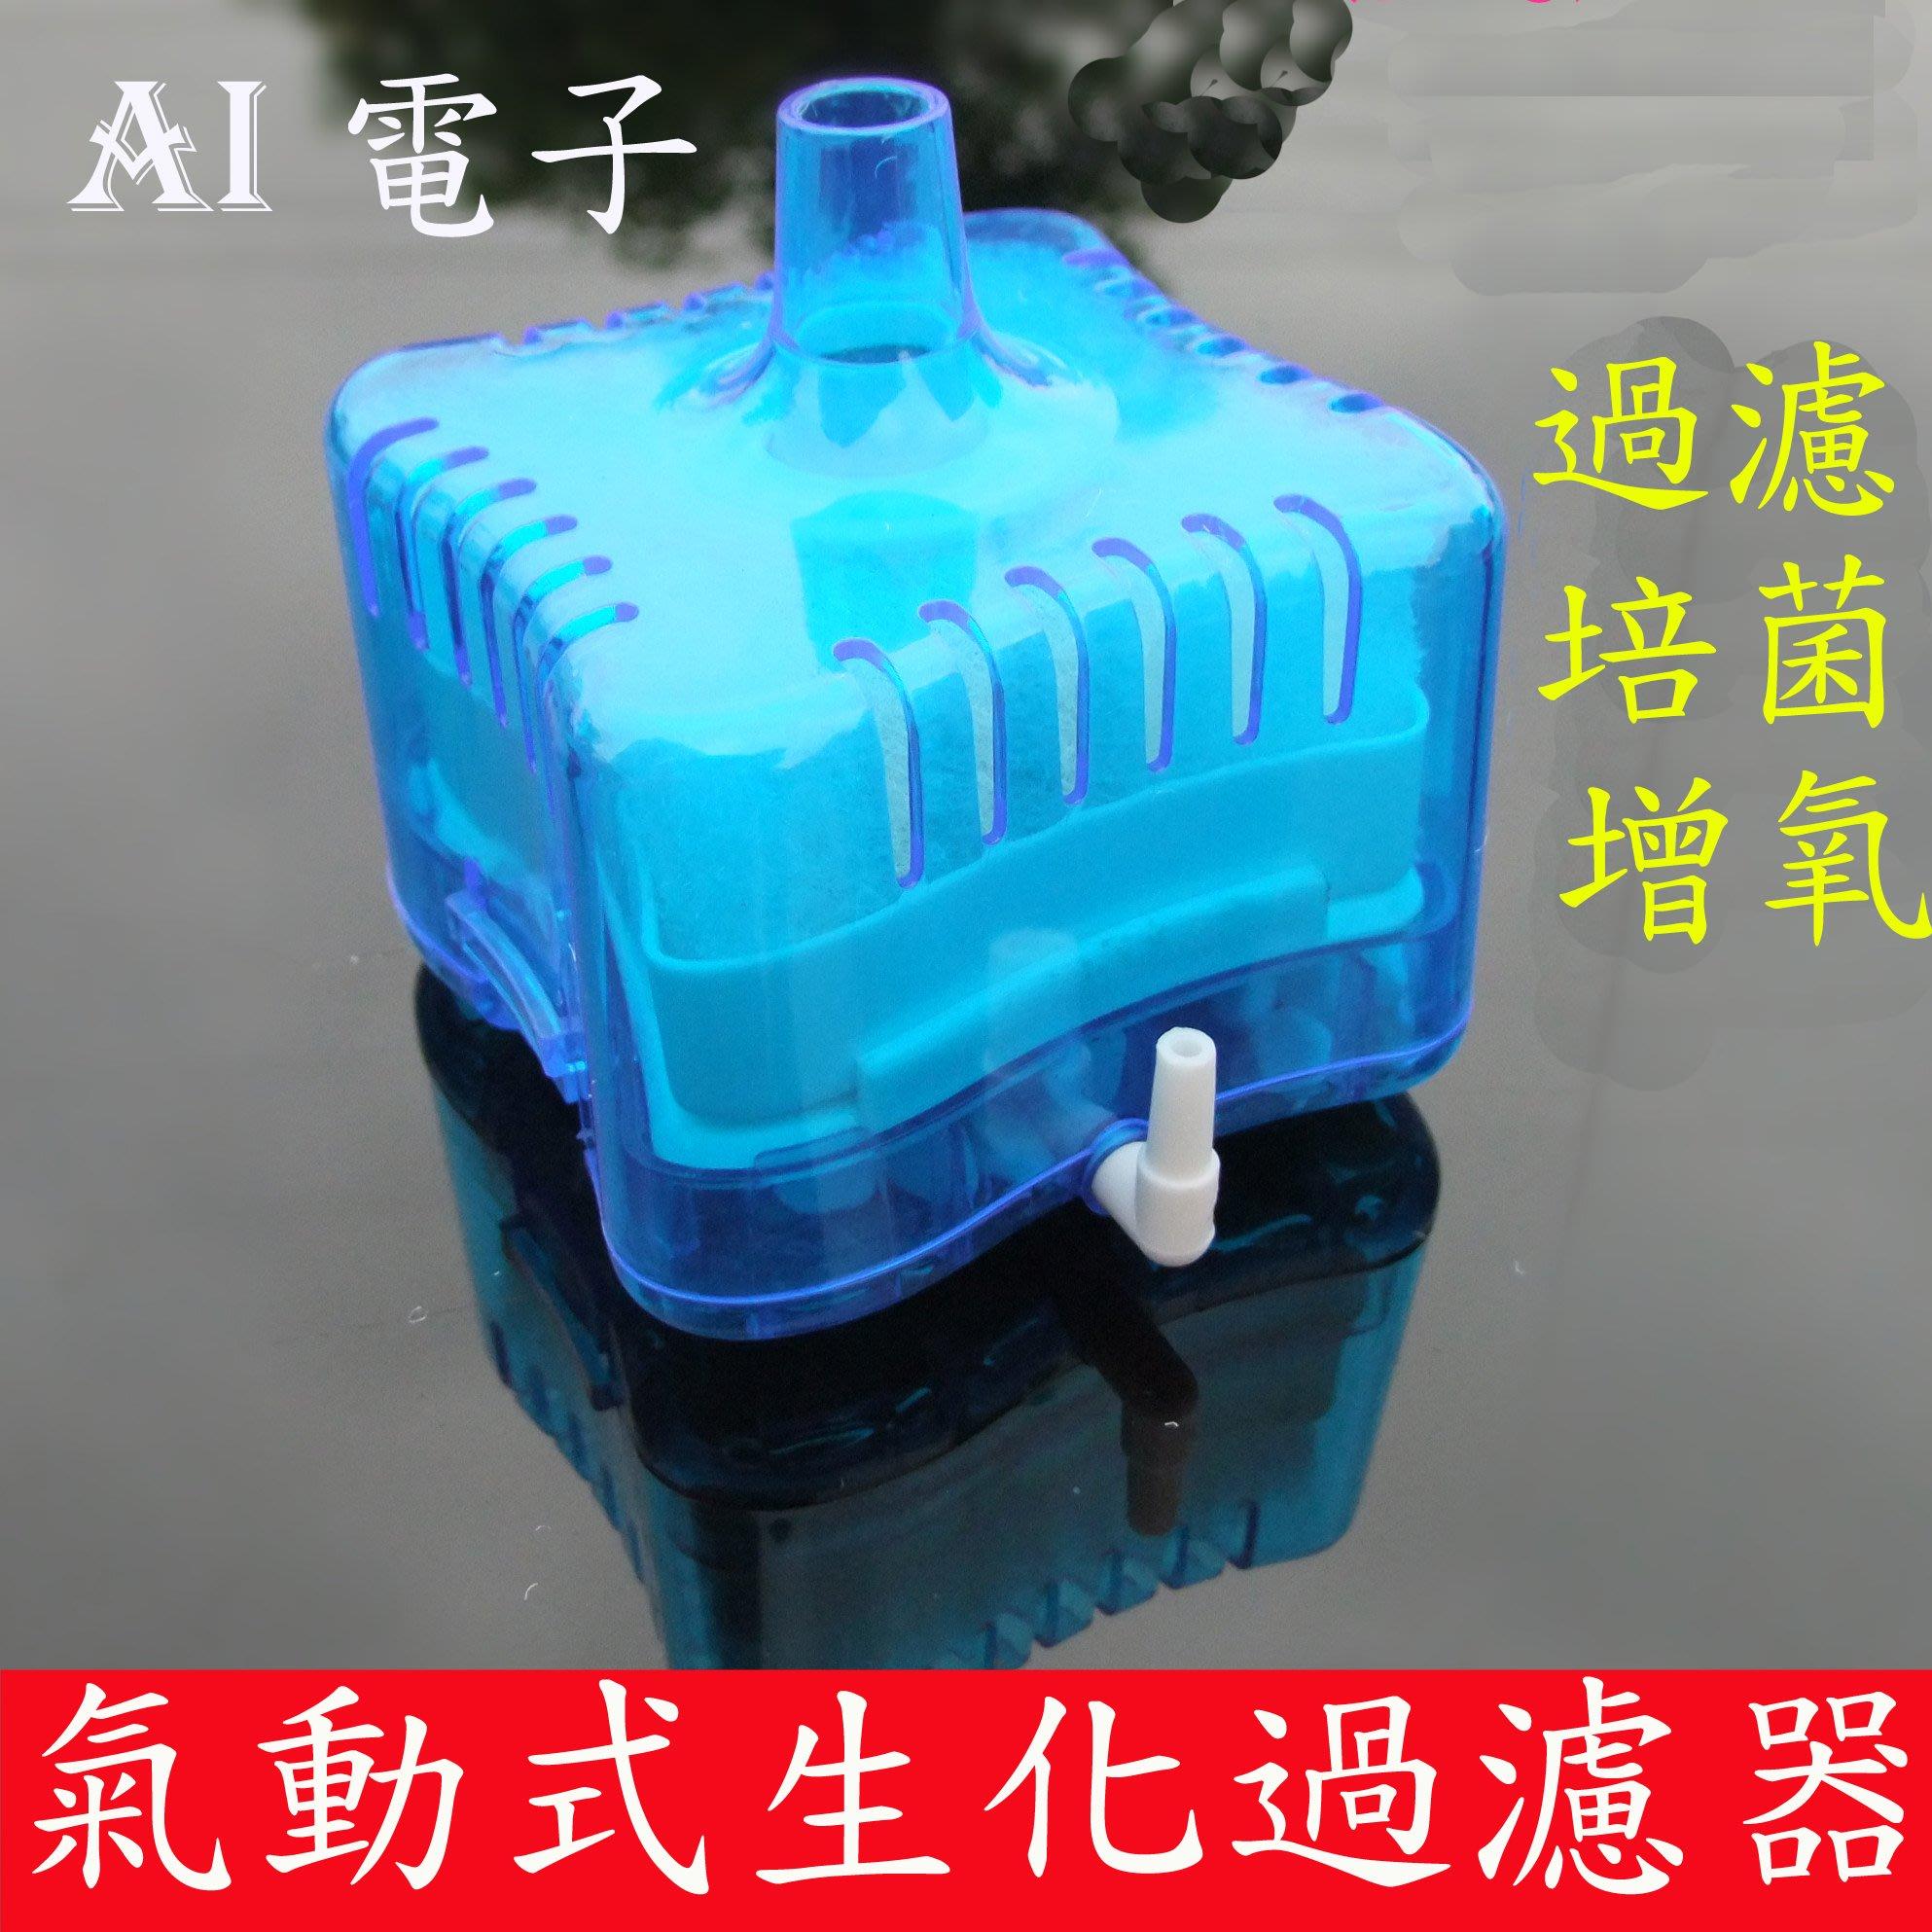 【AI電子】*魚缸過濾器 氣動式生化高效過濾裝置 魚缸水族箱過濾器 吸便器